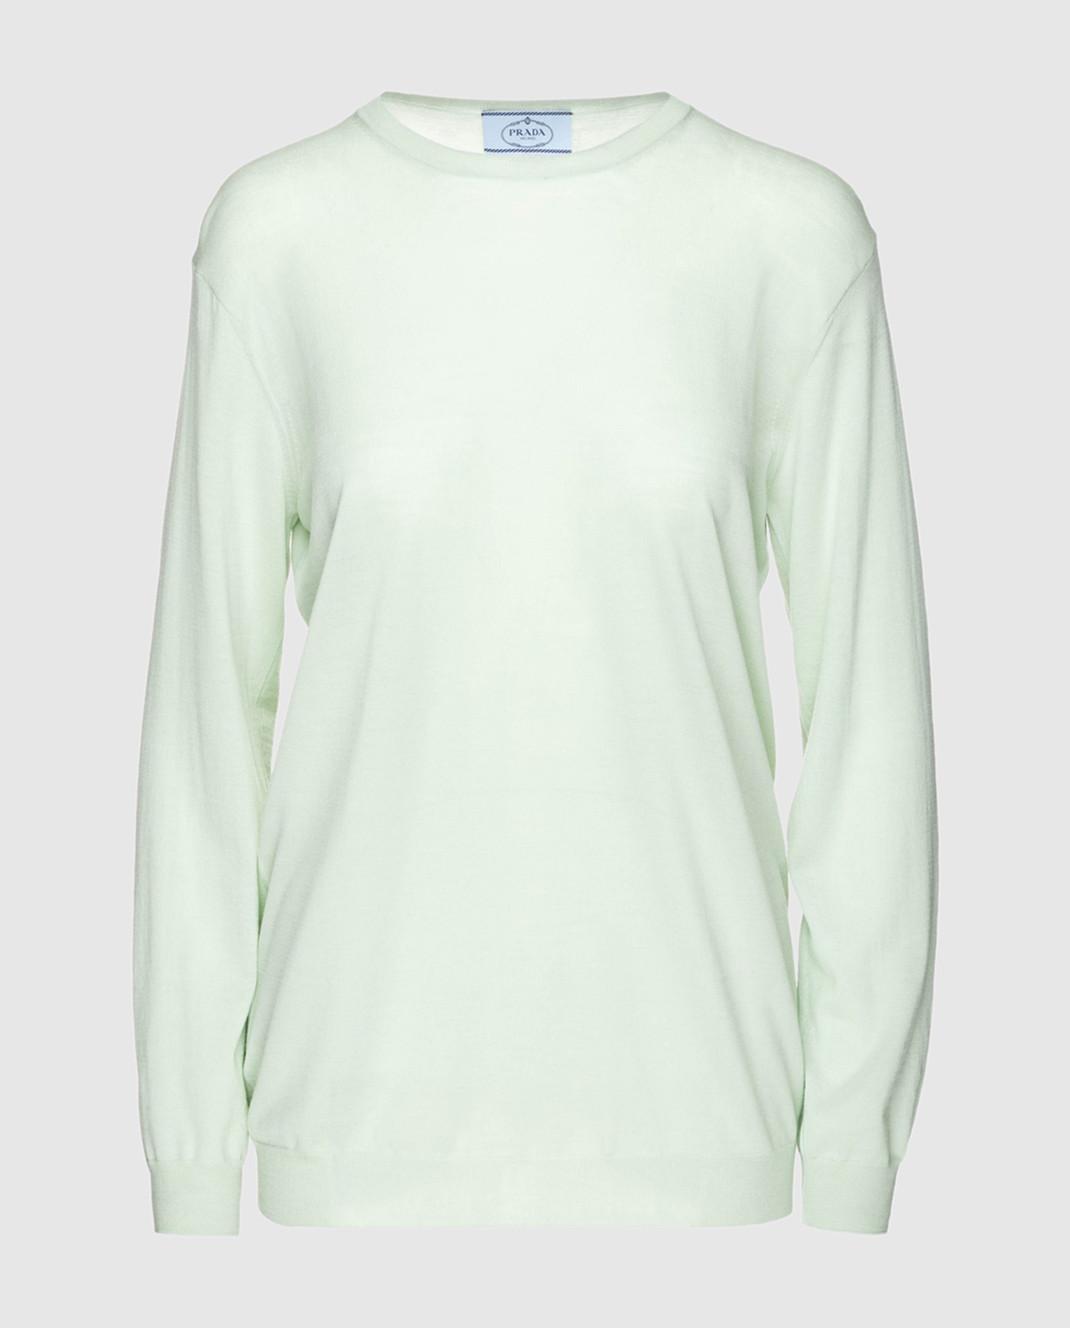 Prada Светло-зеленый джемпер из шерсти изображение 1